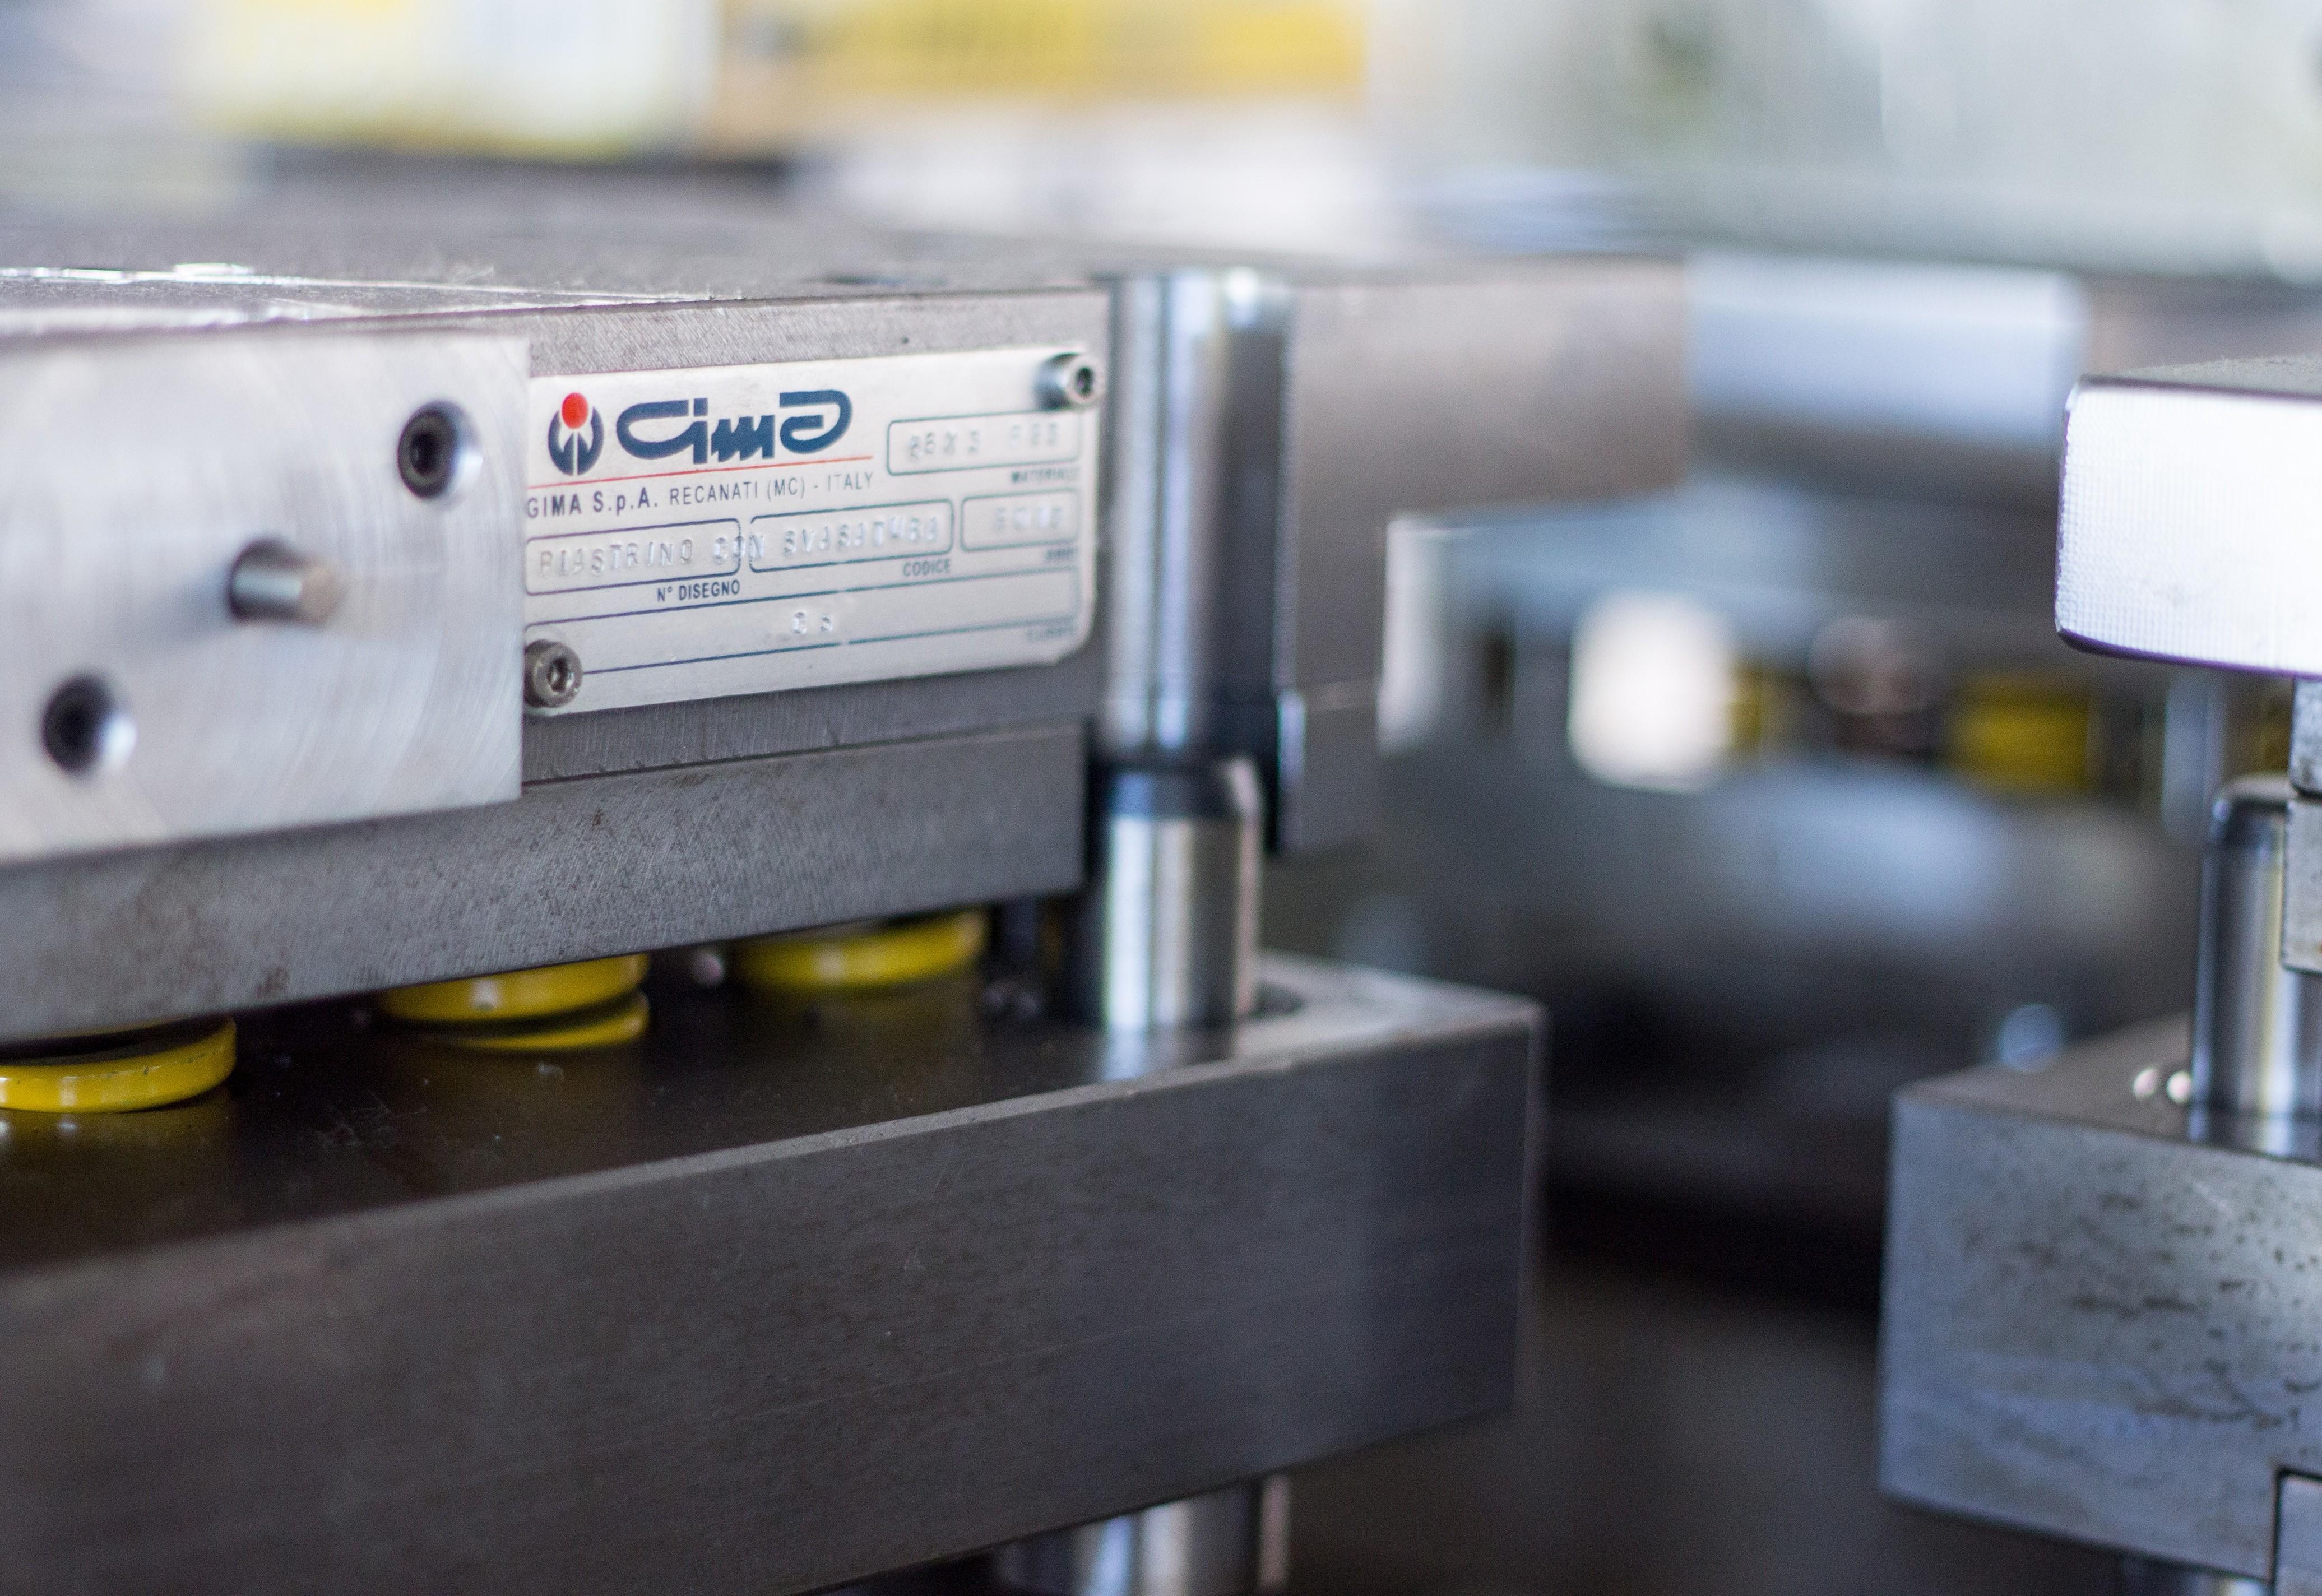 lavorazioni meccaniche stampaggio a freddo e coniatura gima spa